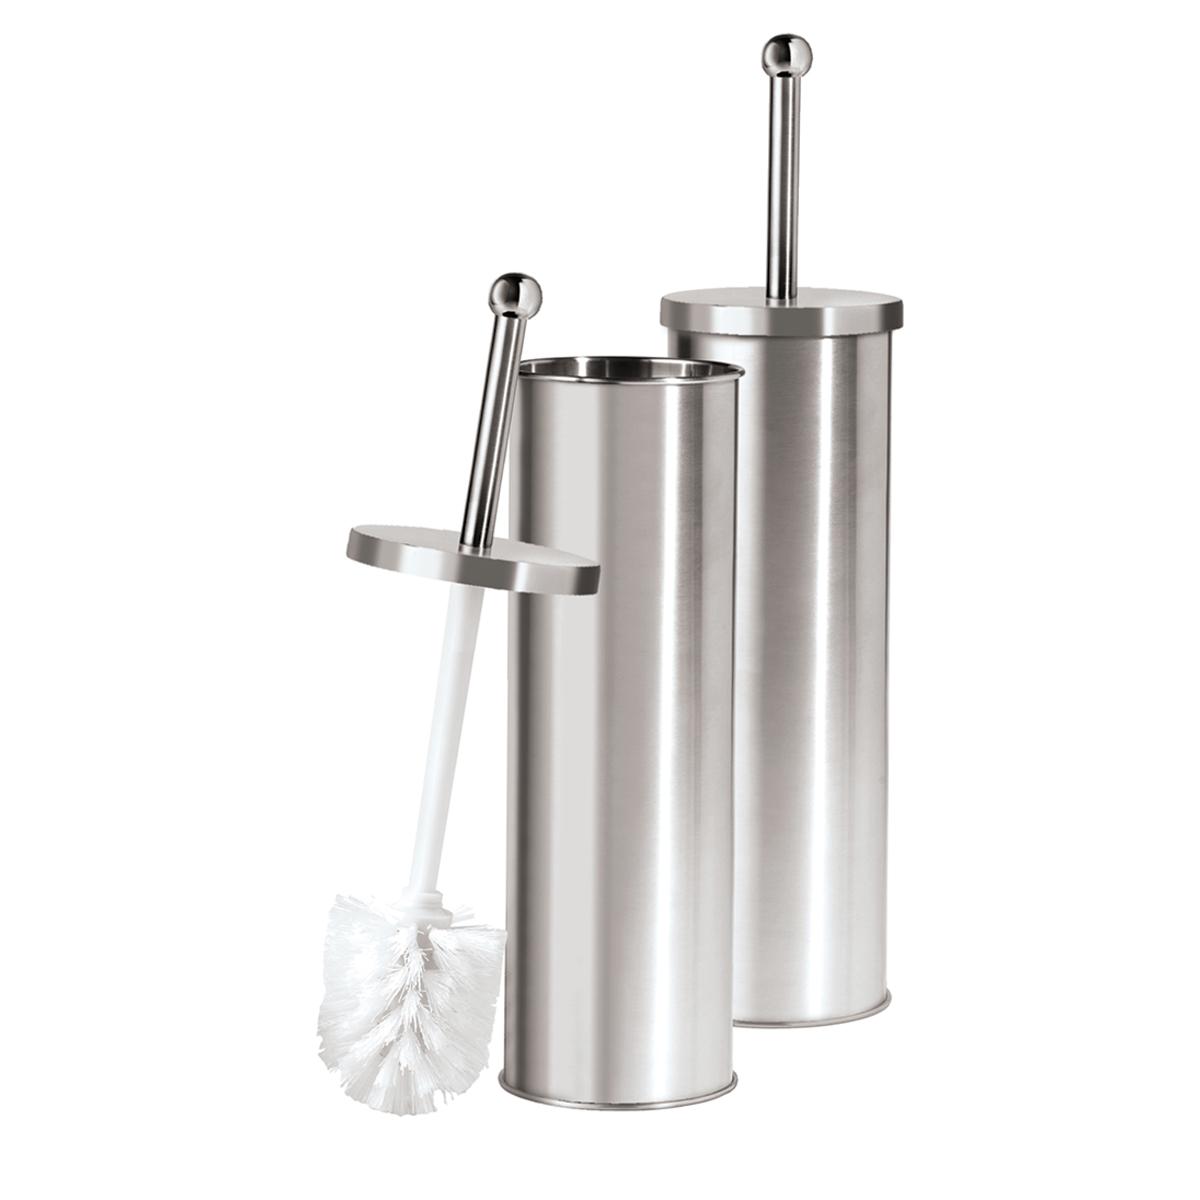 OGGI 7140 Stainless Steel Toilet Brush Holder